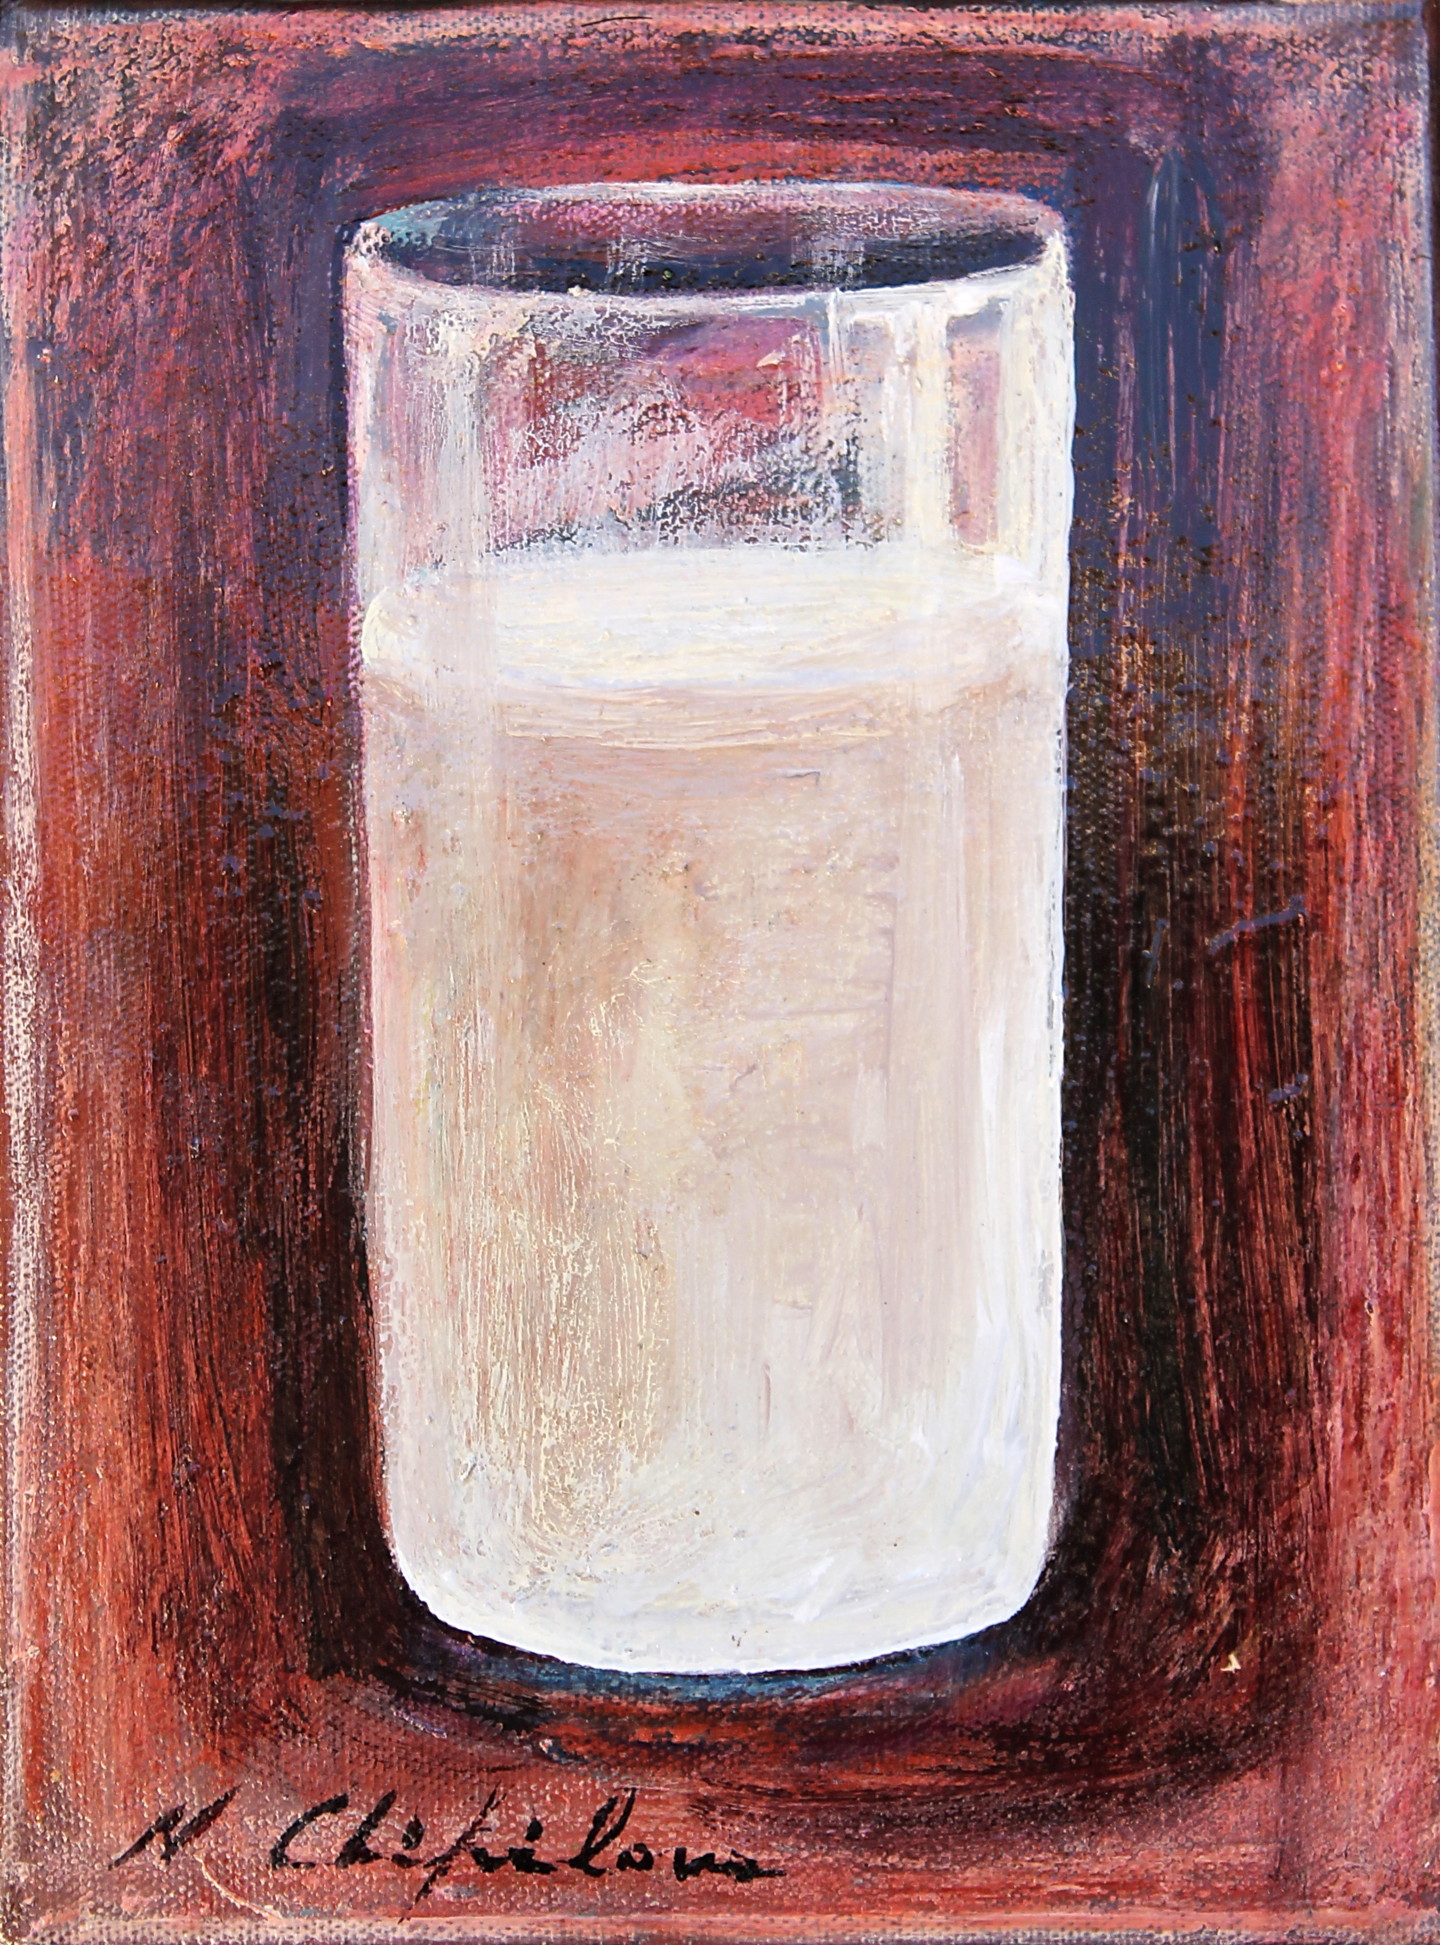 Nath Chipilova (Atelier NN art store) - Verre de lait, fond rouge